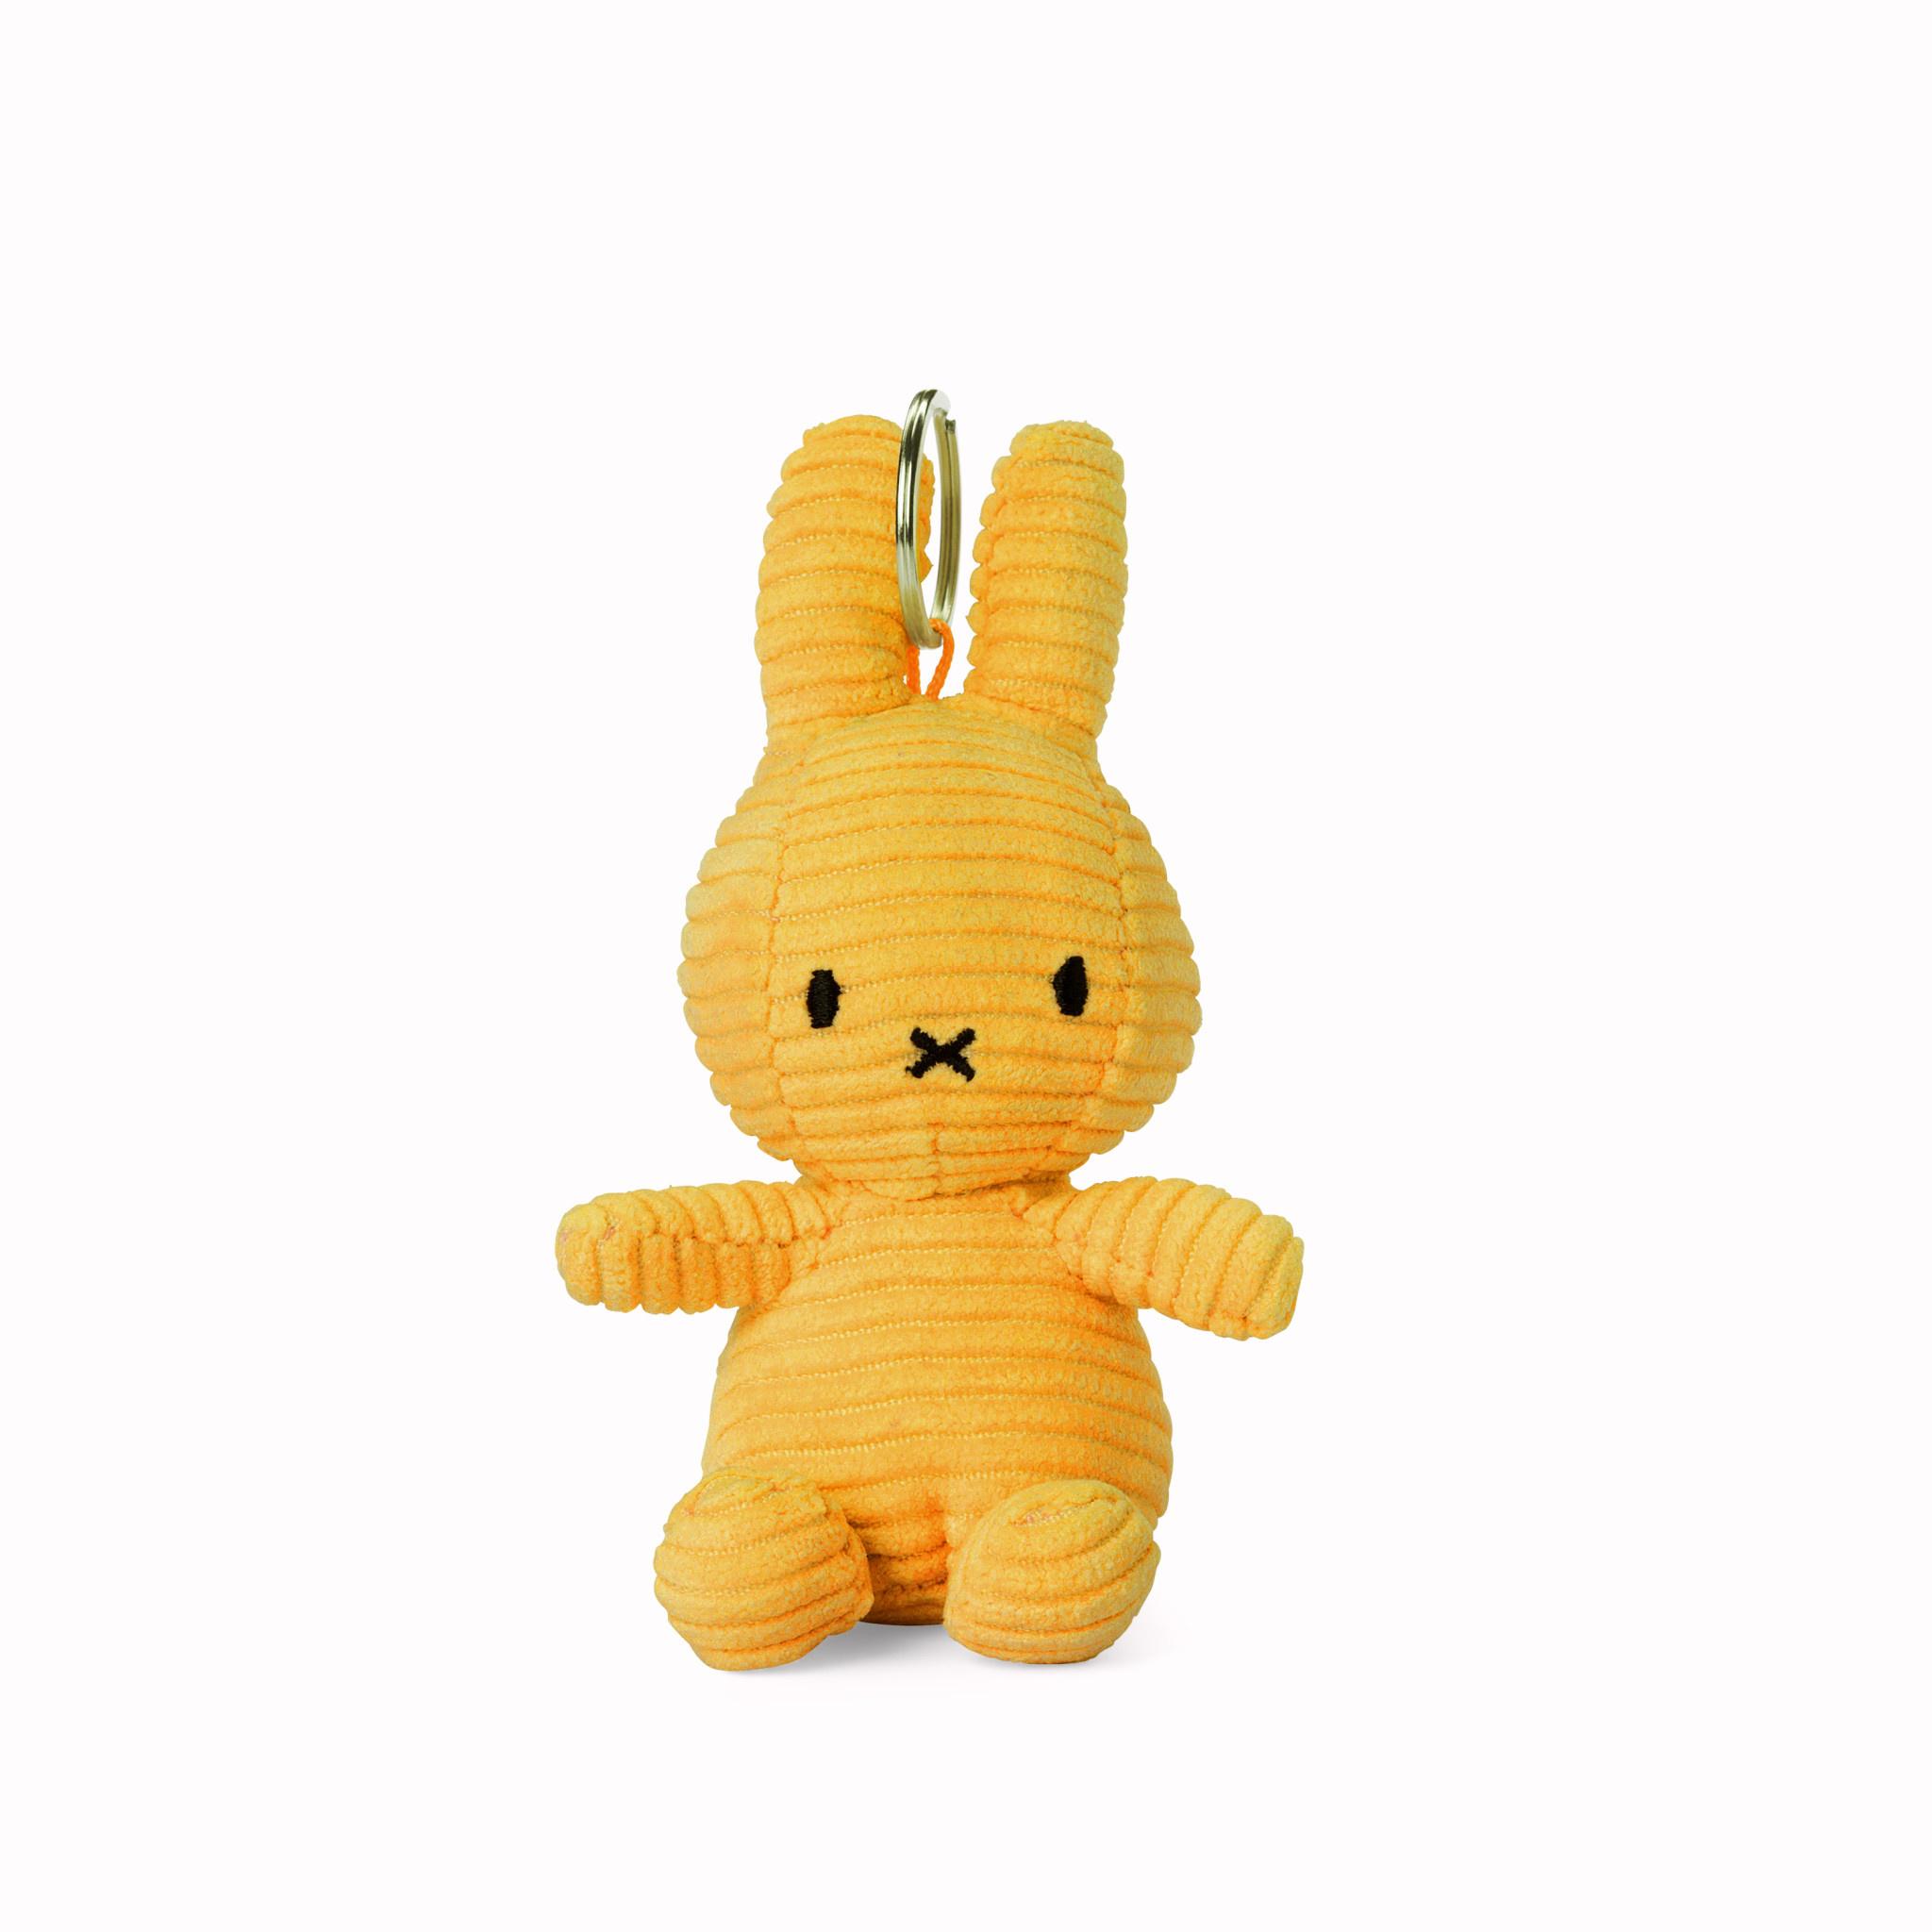 Nijntje/Miffy/Snuffy Miffy Keychain Corduroy Yellow - 10 cm